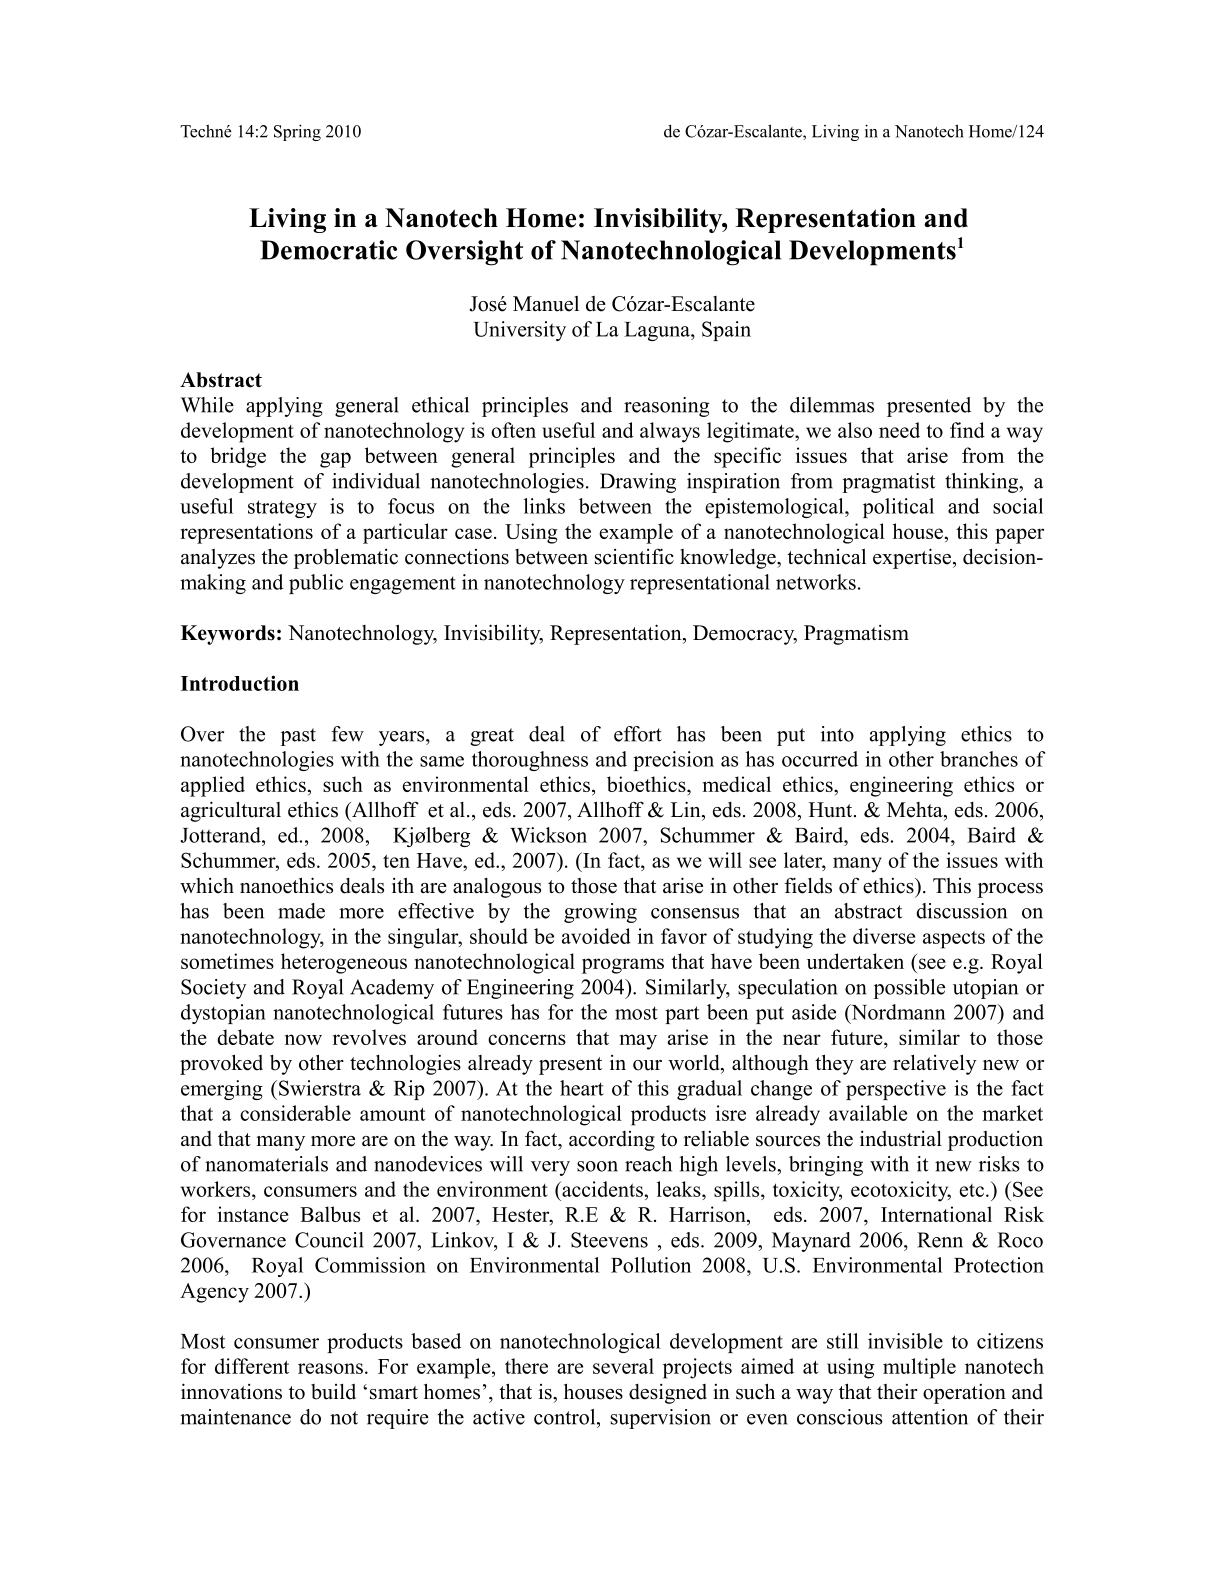 Scientific Paper Format Example